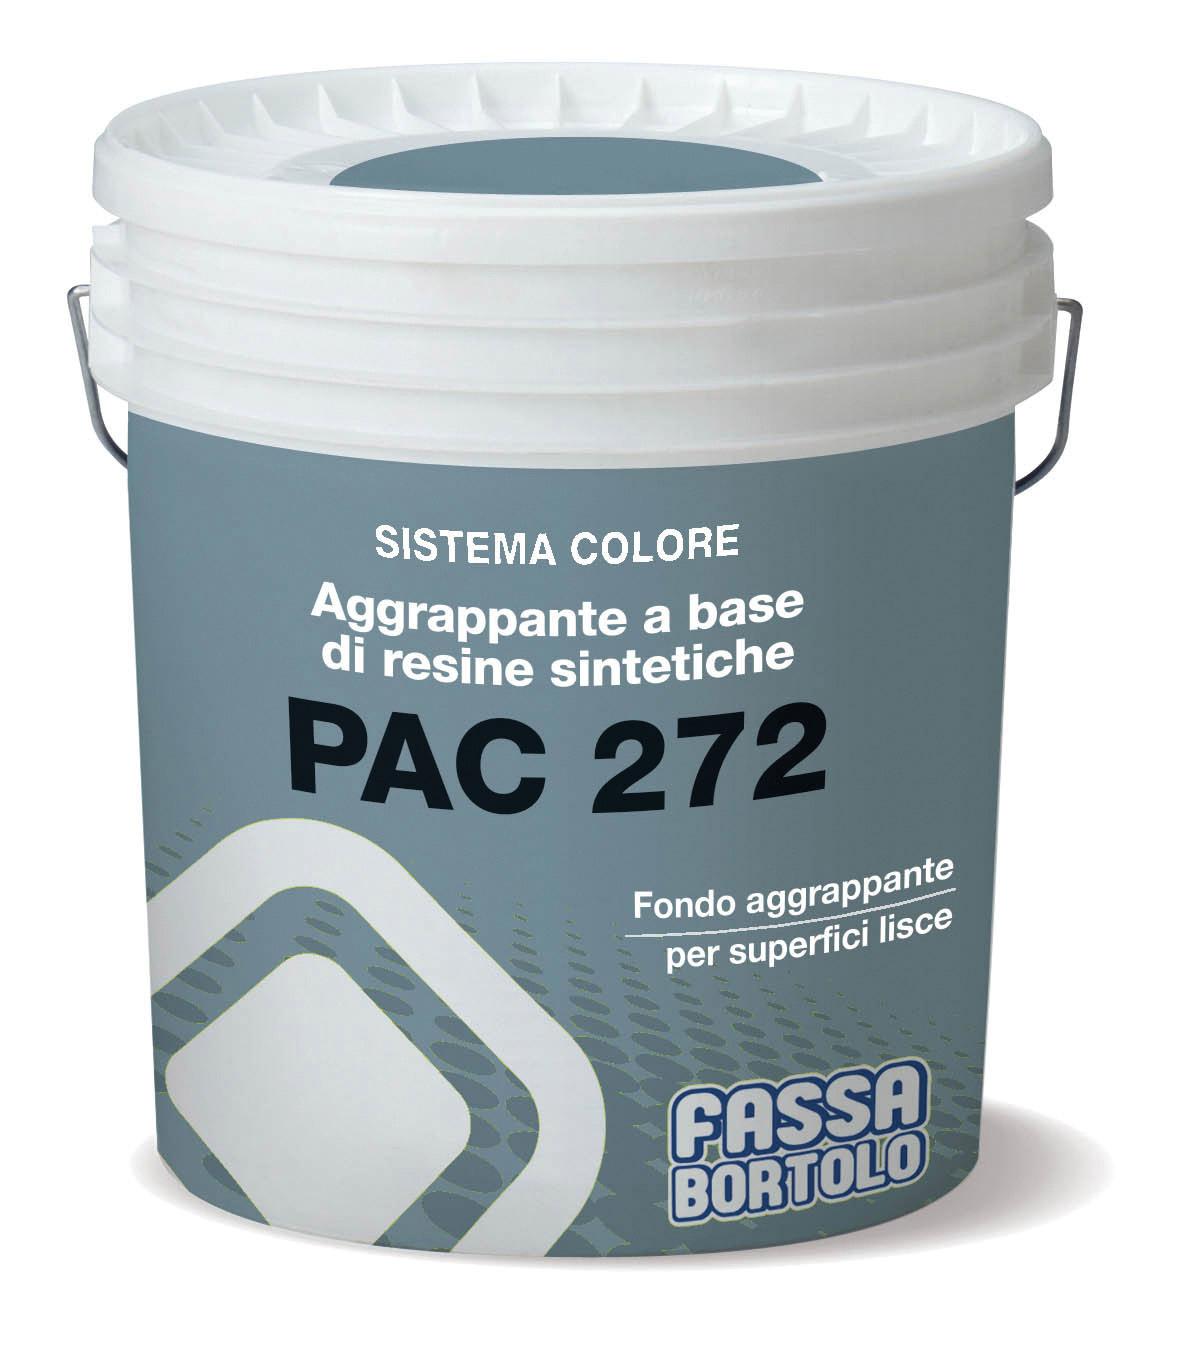 PAC 272